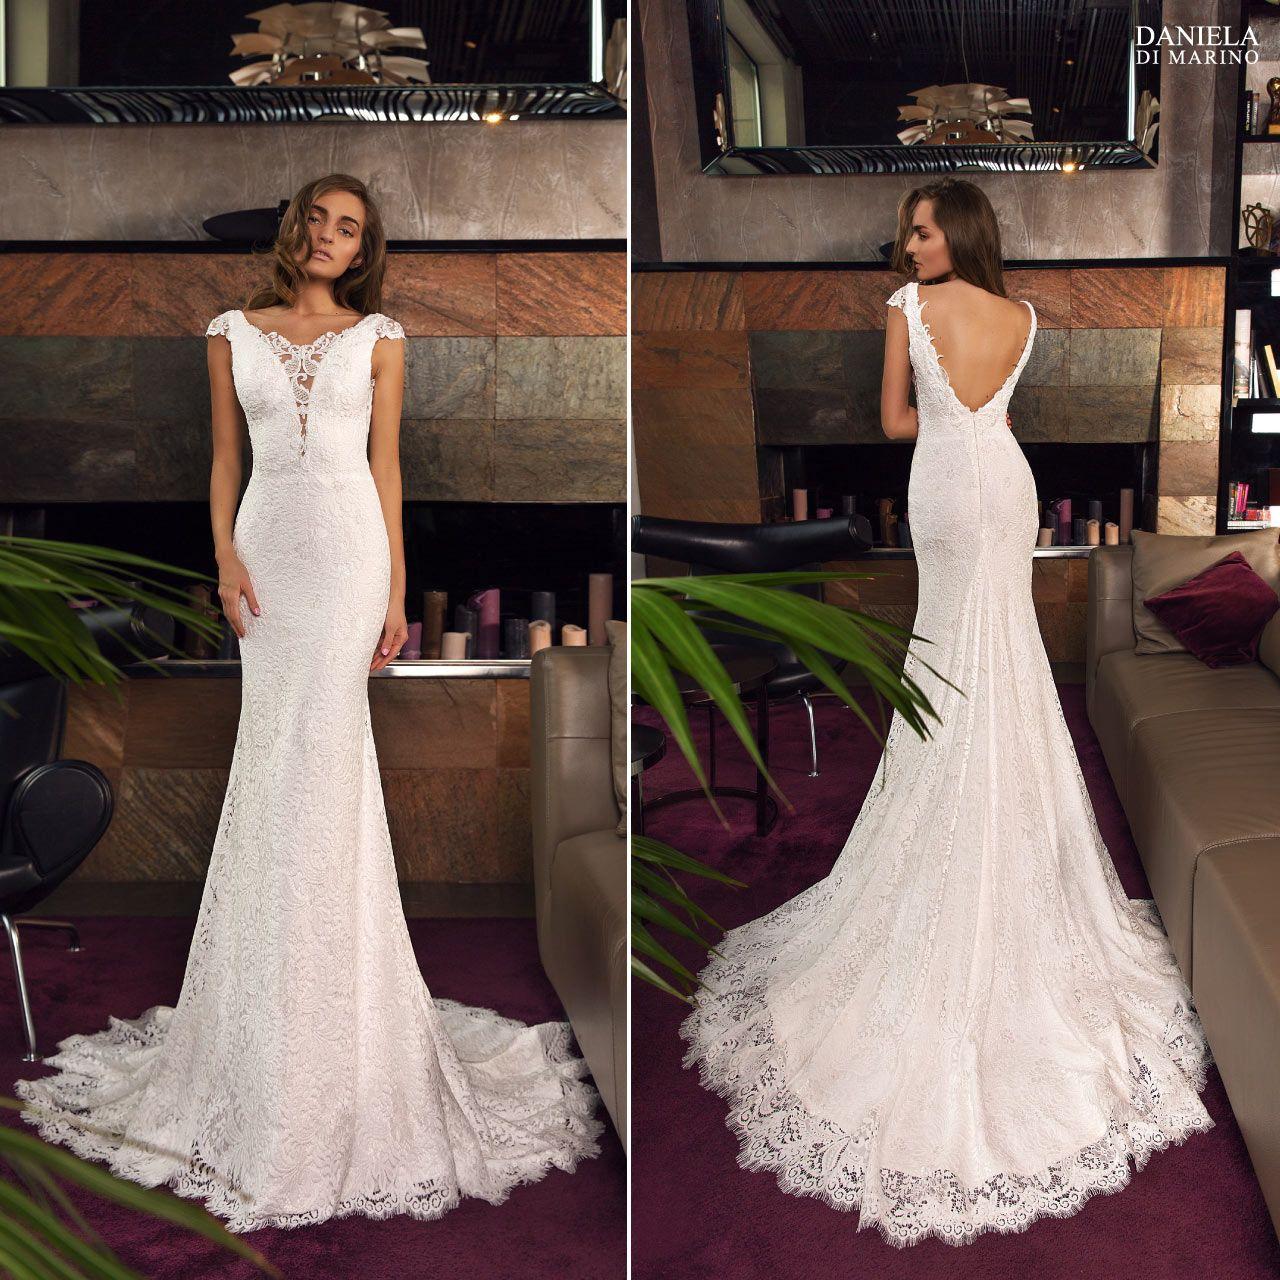 5e185fe521ac Abito da sposa della collezione Daniela Di Marino 2019 in vendita presso il negozio  Boutique Velo